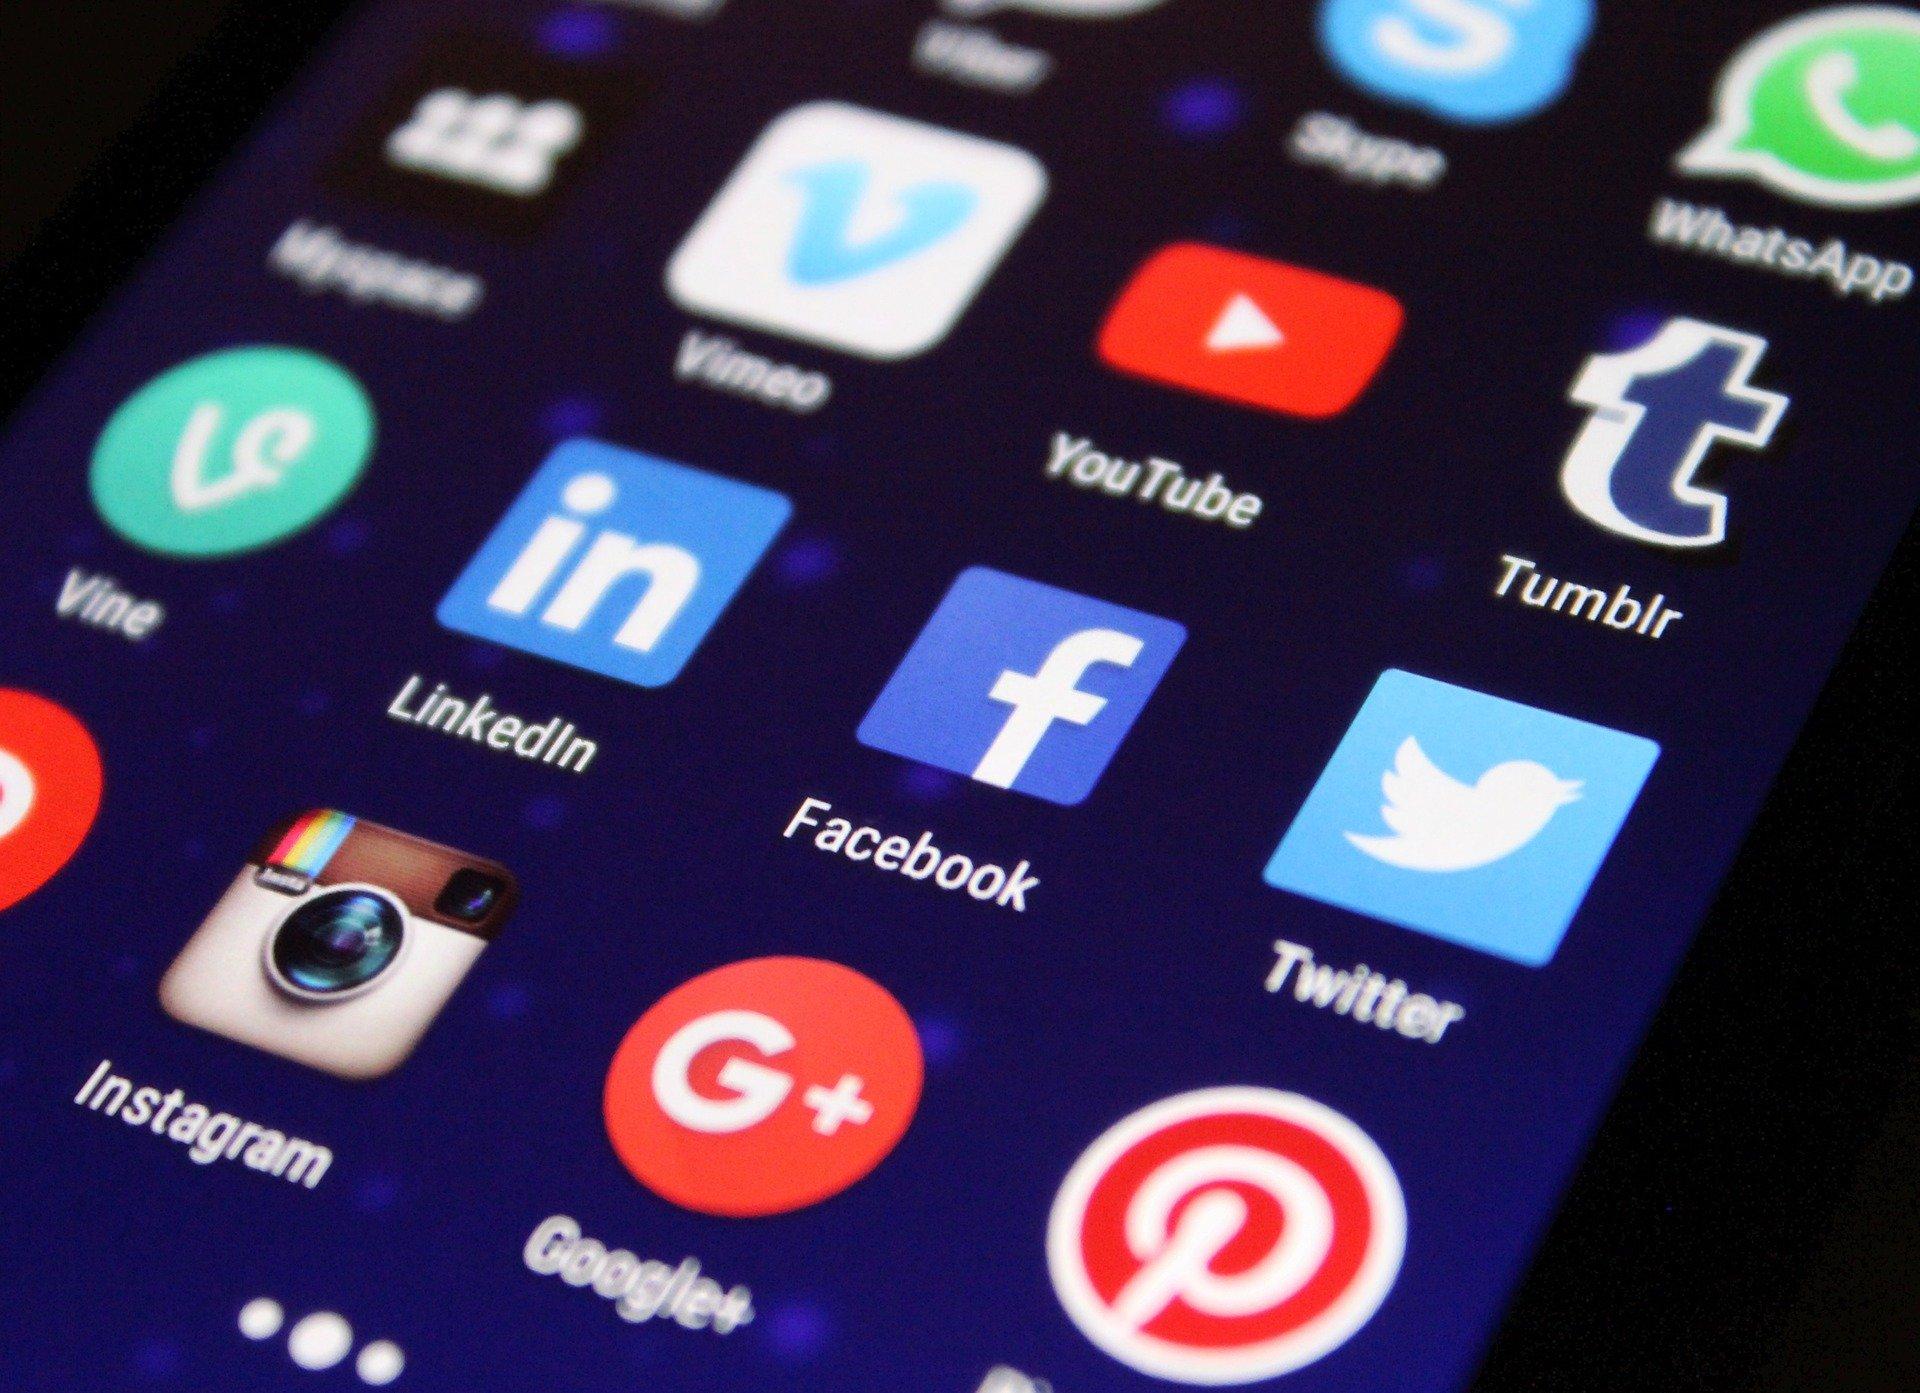 Tweeter, Linkedin, Google+ et Youtube pour votre stratégie marketing